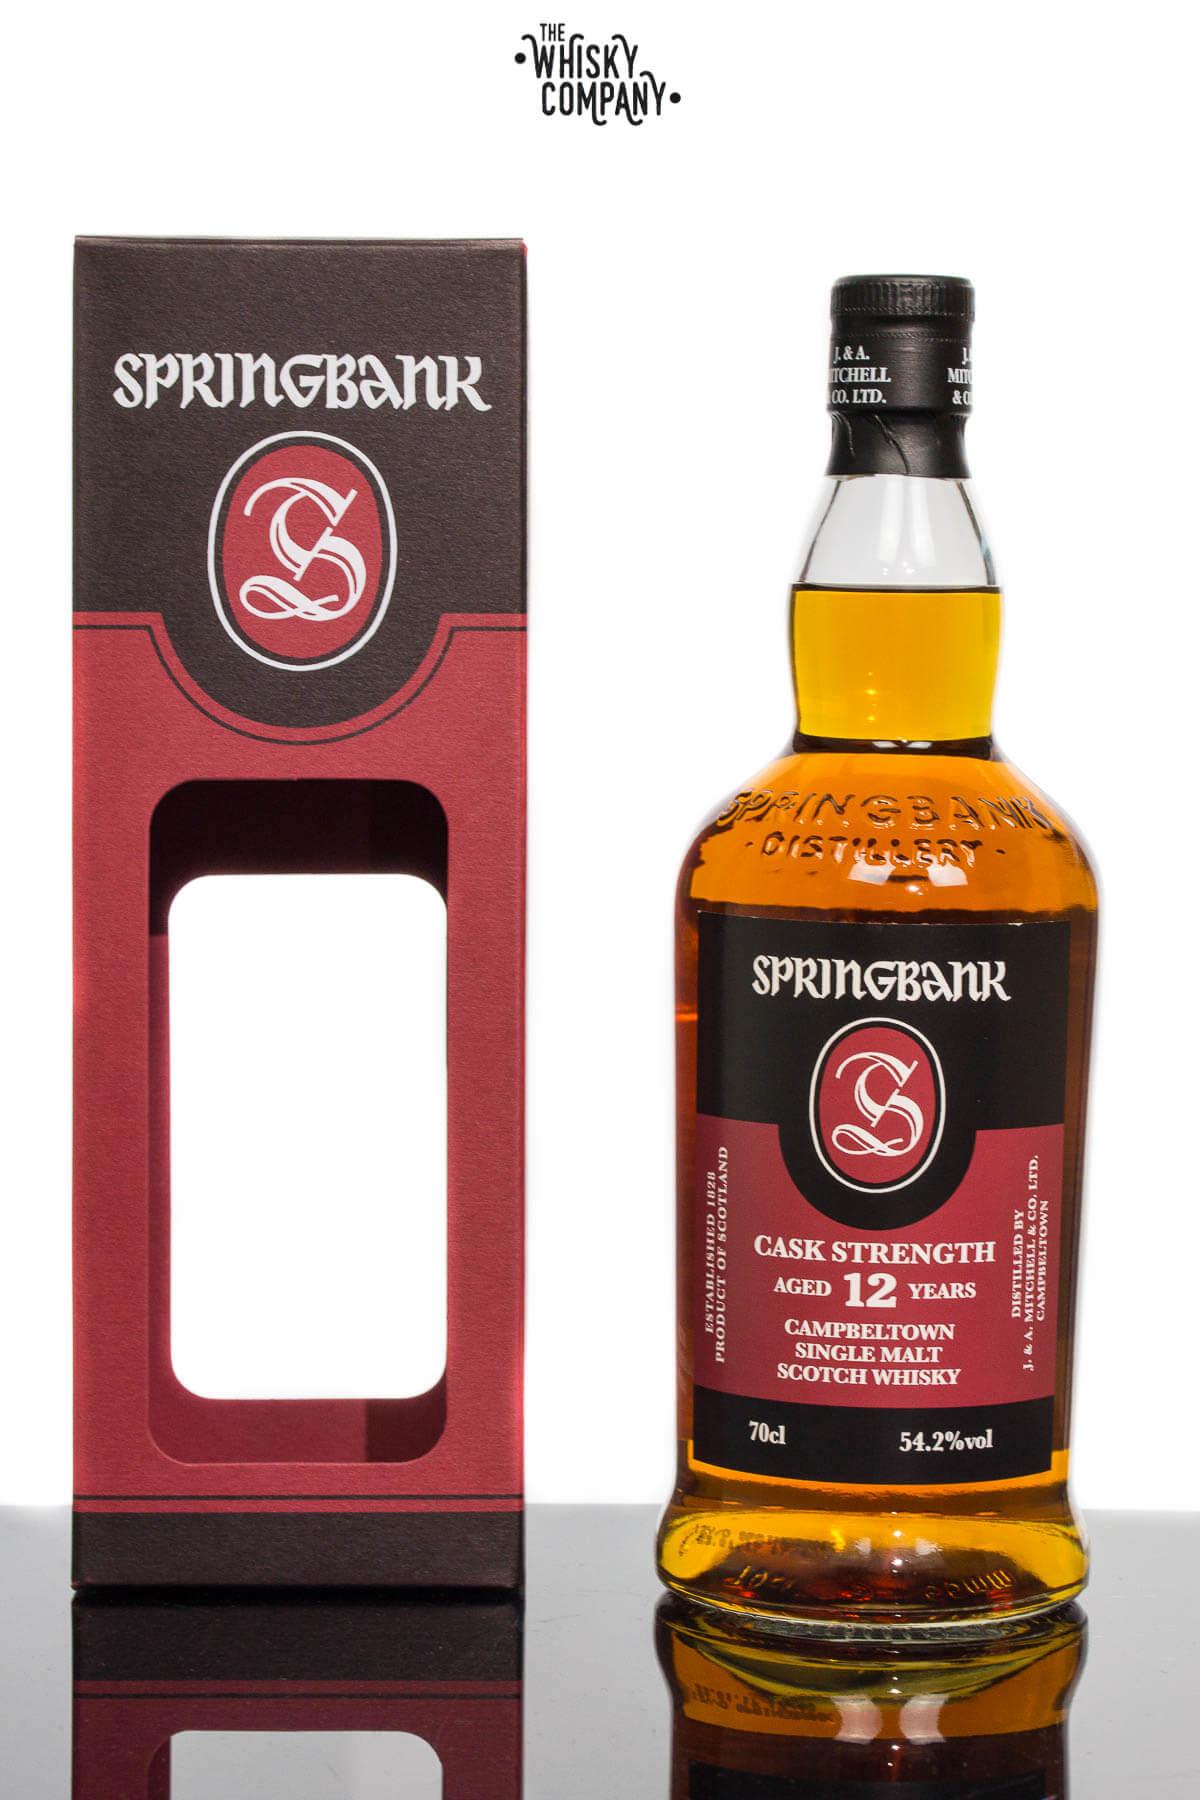 Springbank 12 Years Old Cask Strength Batch 14 Campbeltown Single Malt Scotch Whisky (700ml)